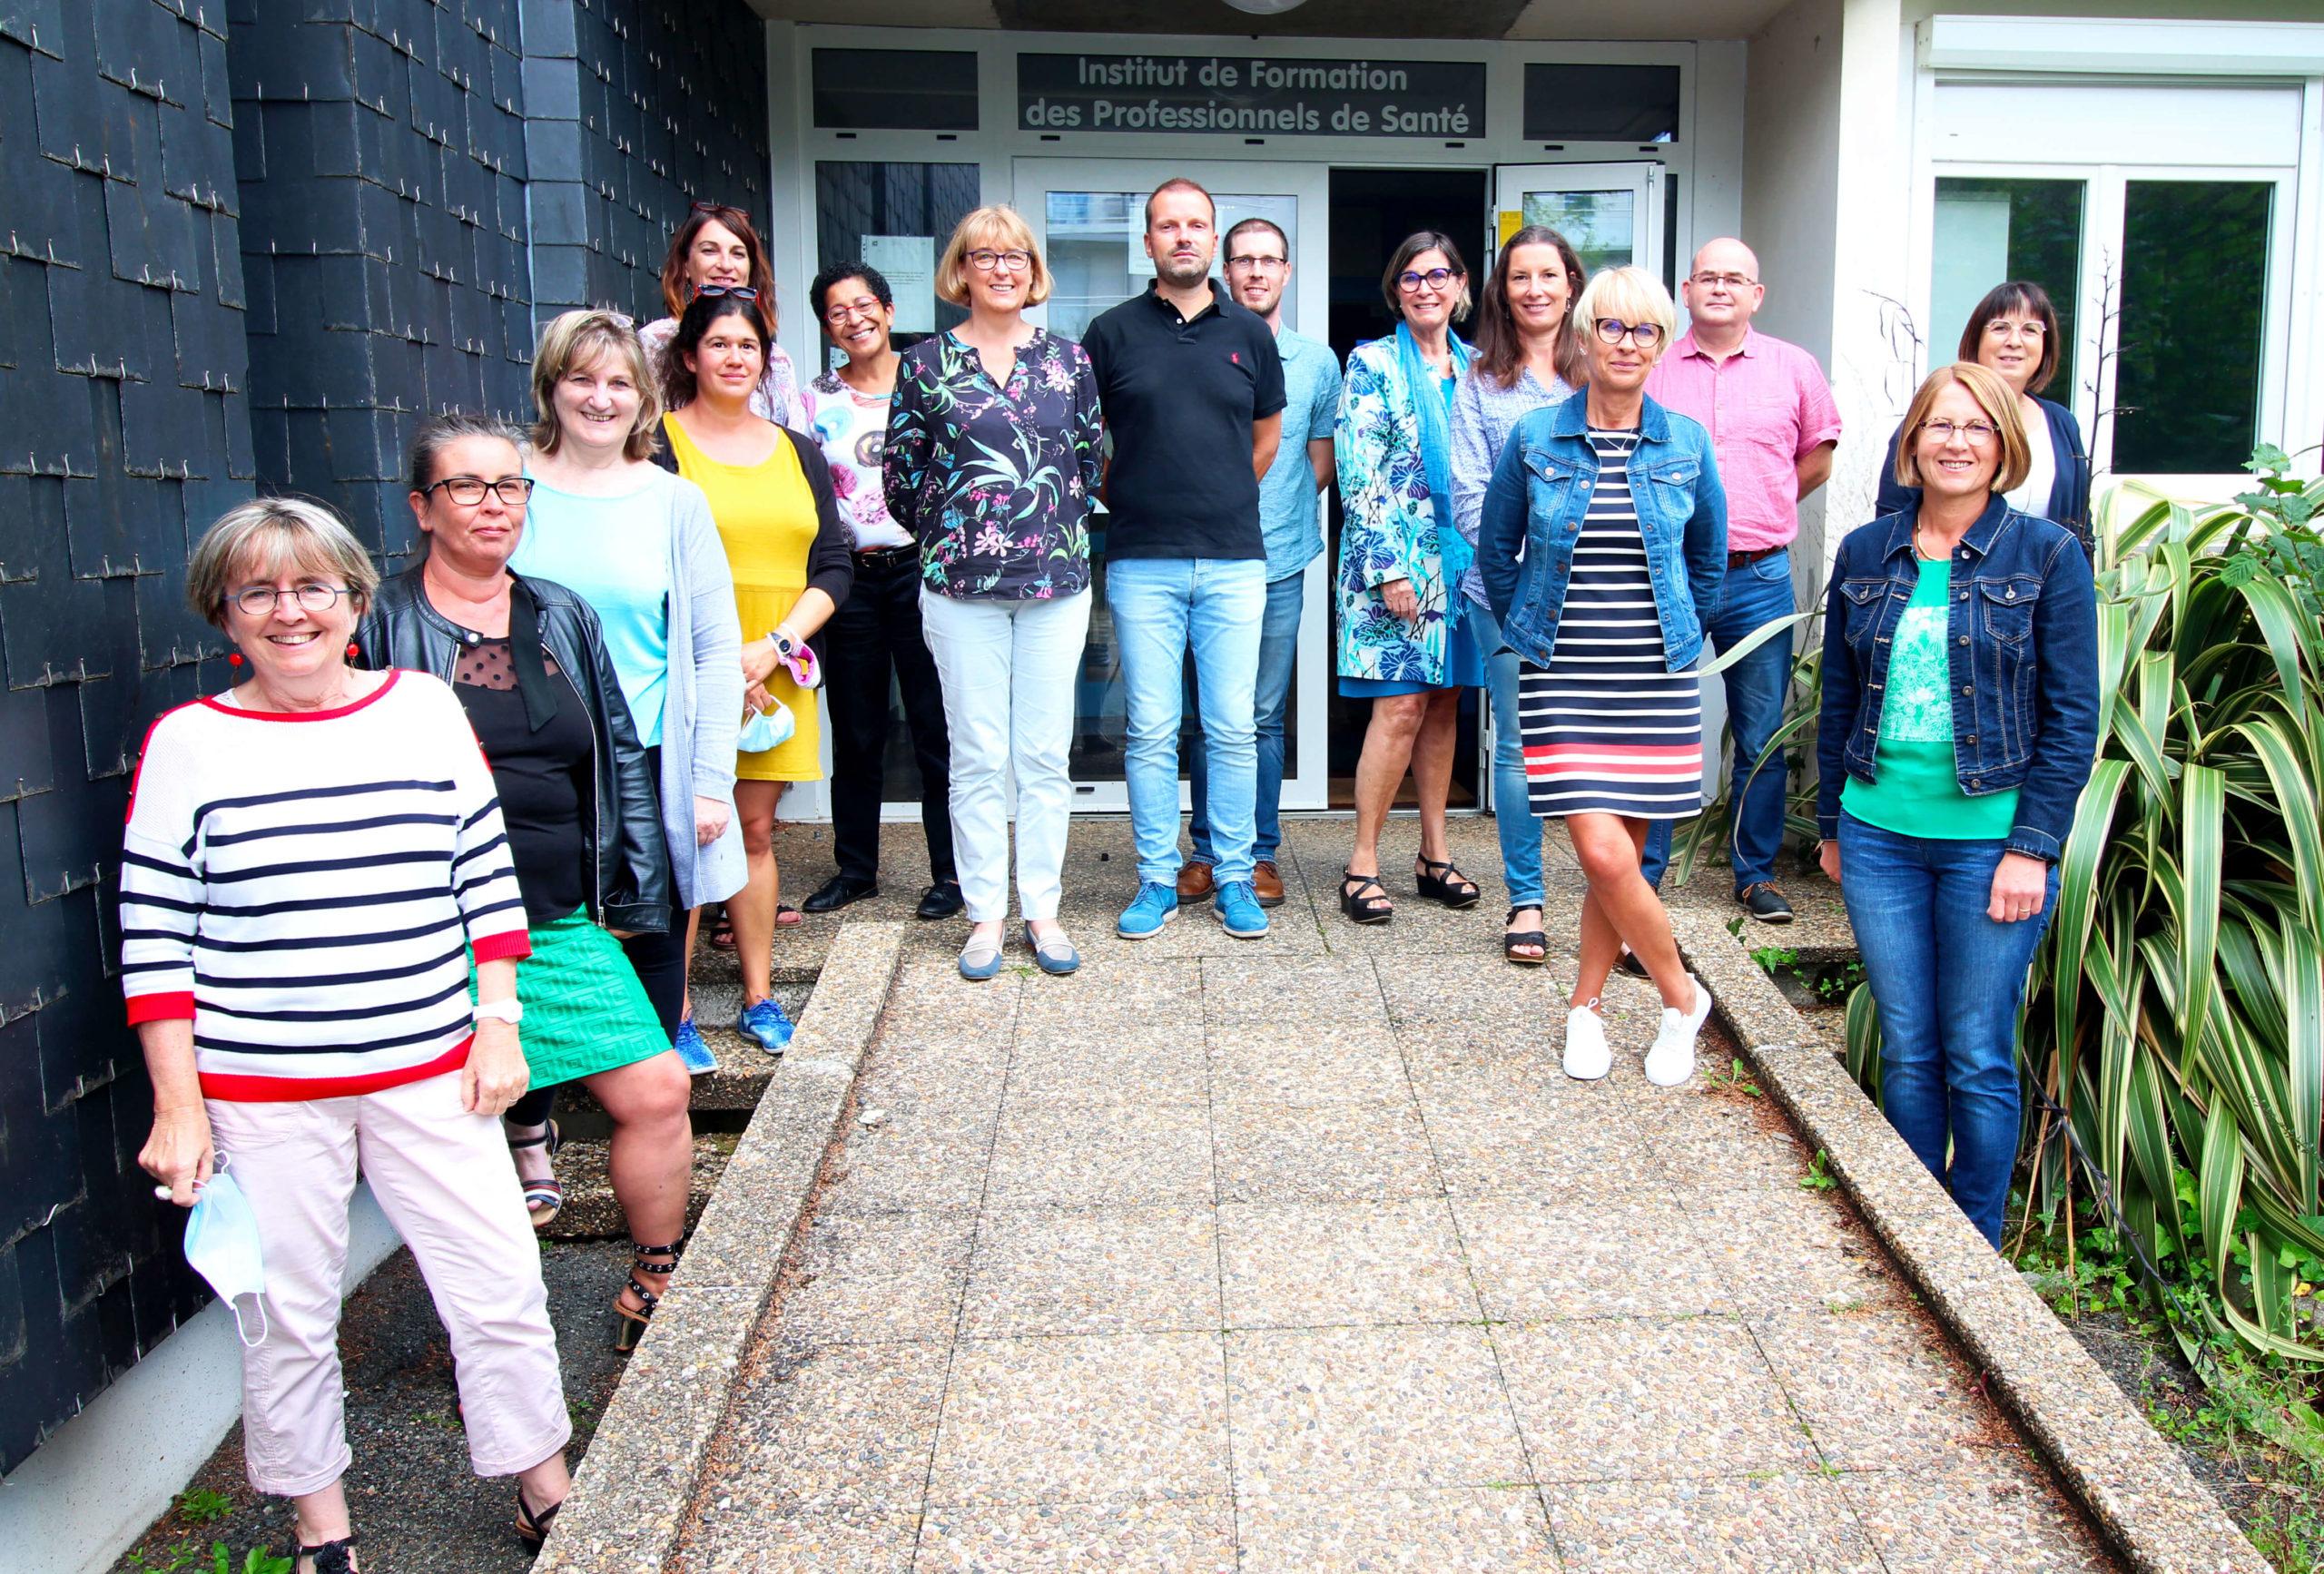 Equipe IFSI IFAS de Lannion 2020